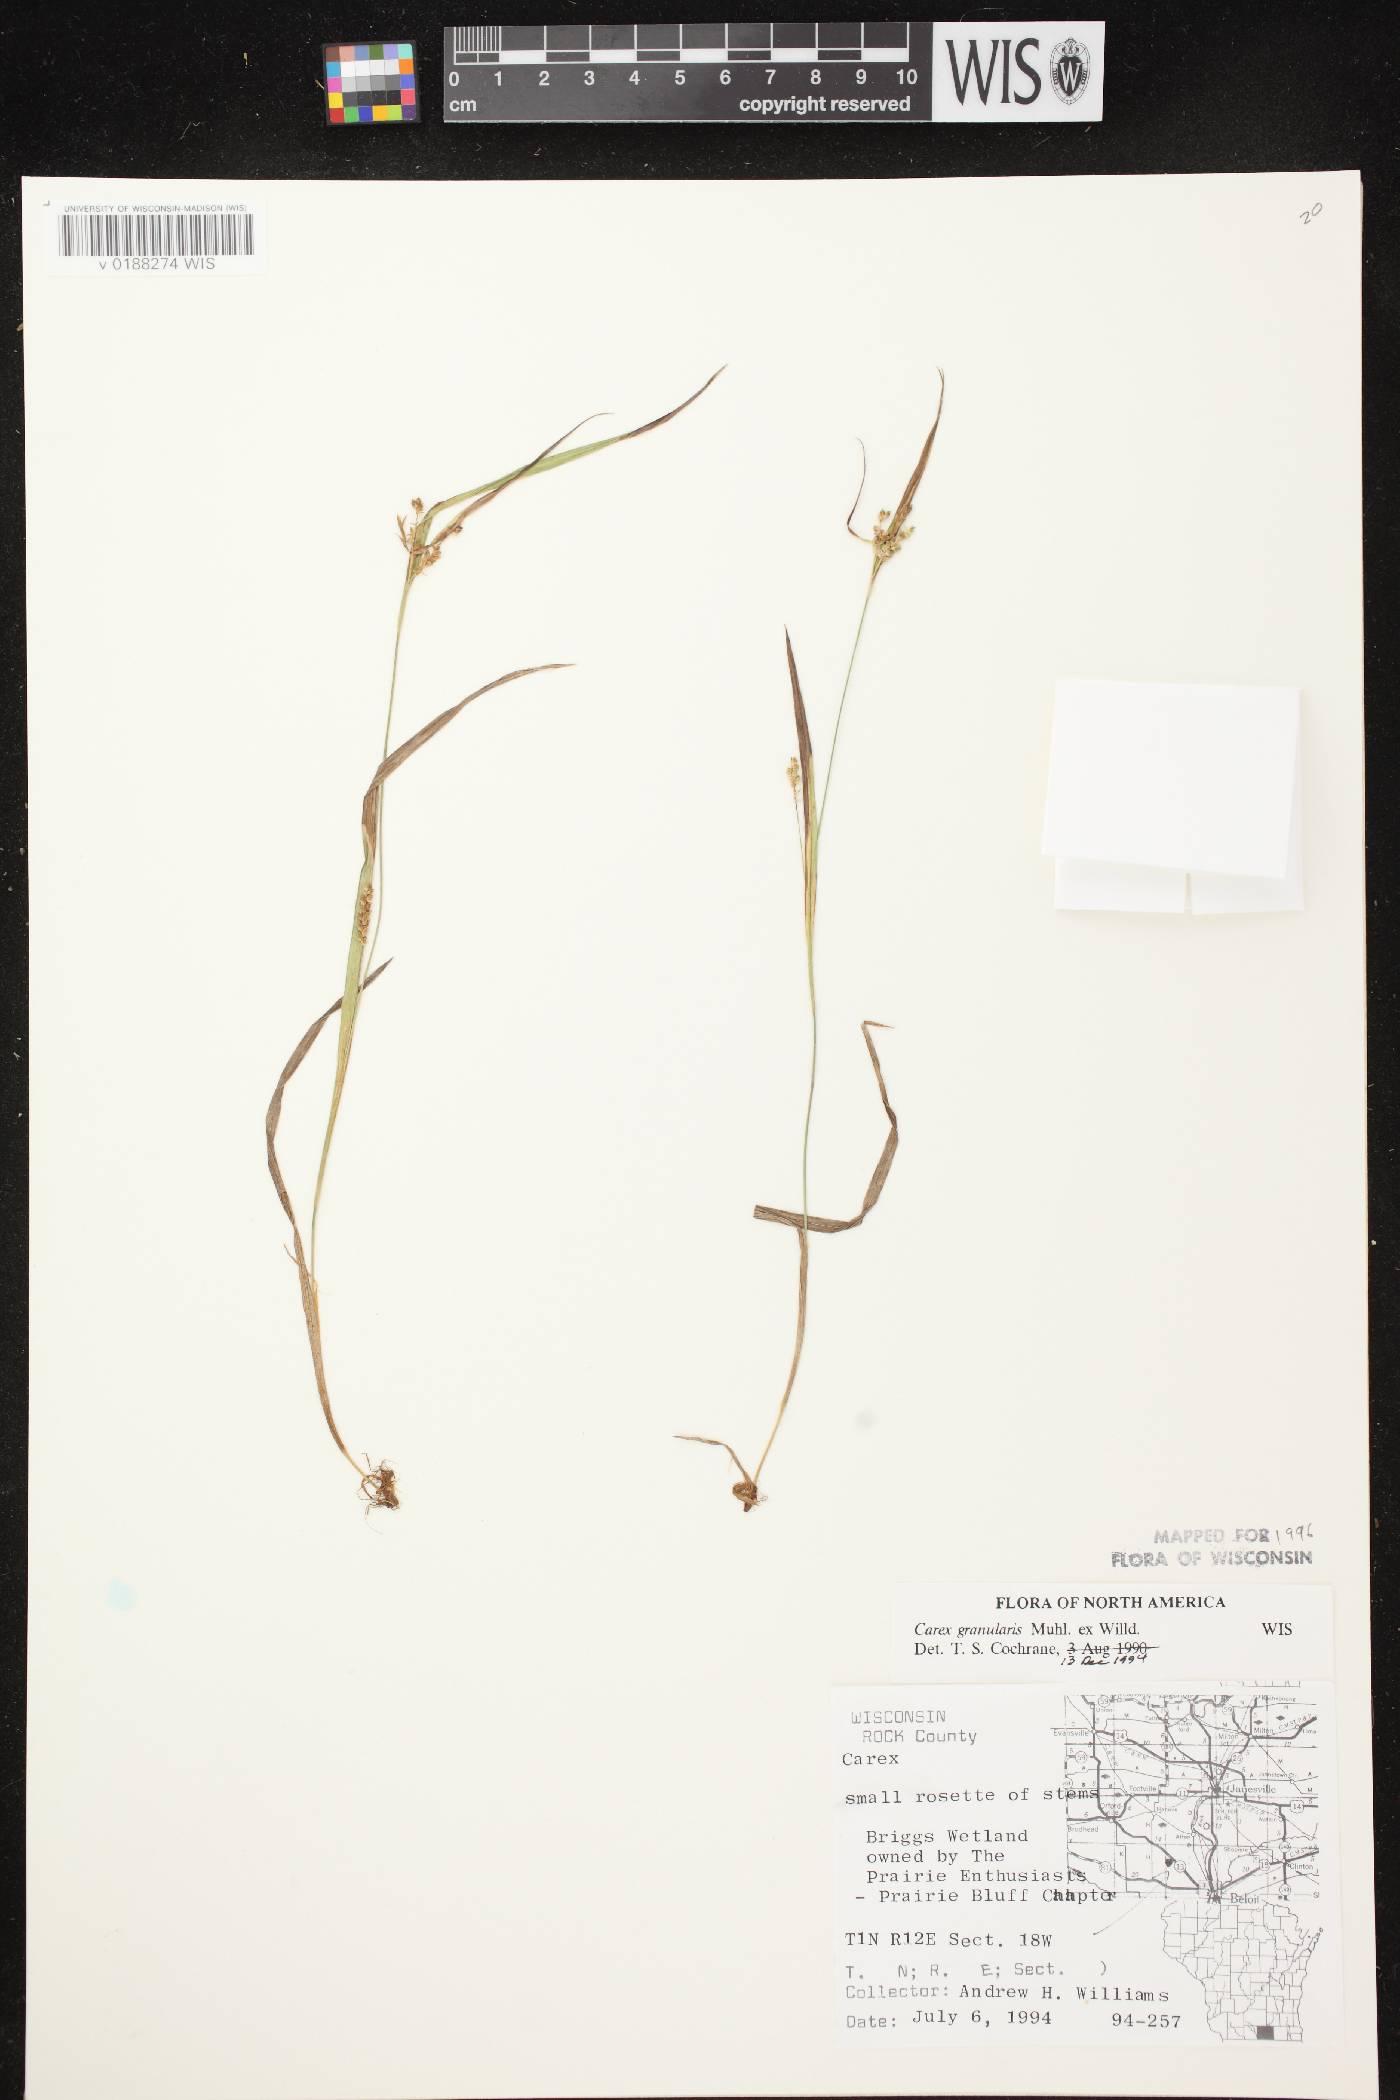 Carex granularis image